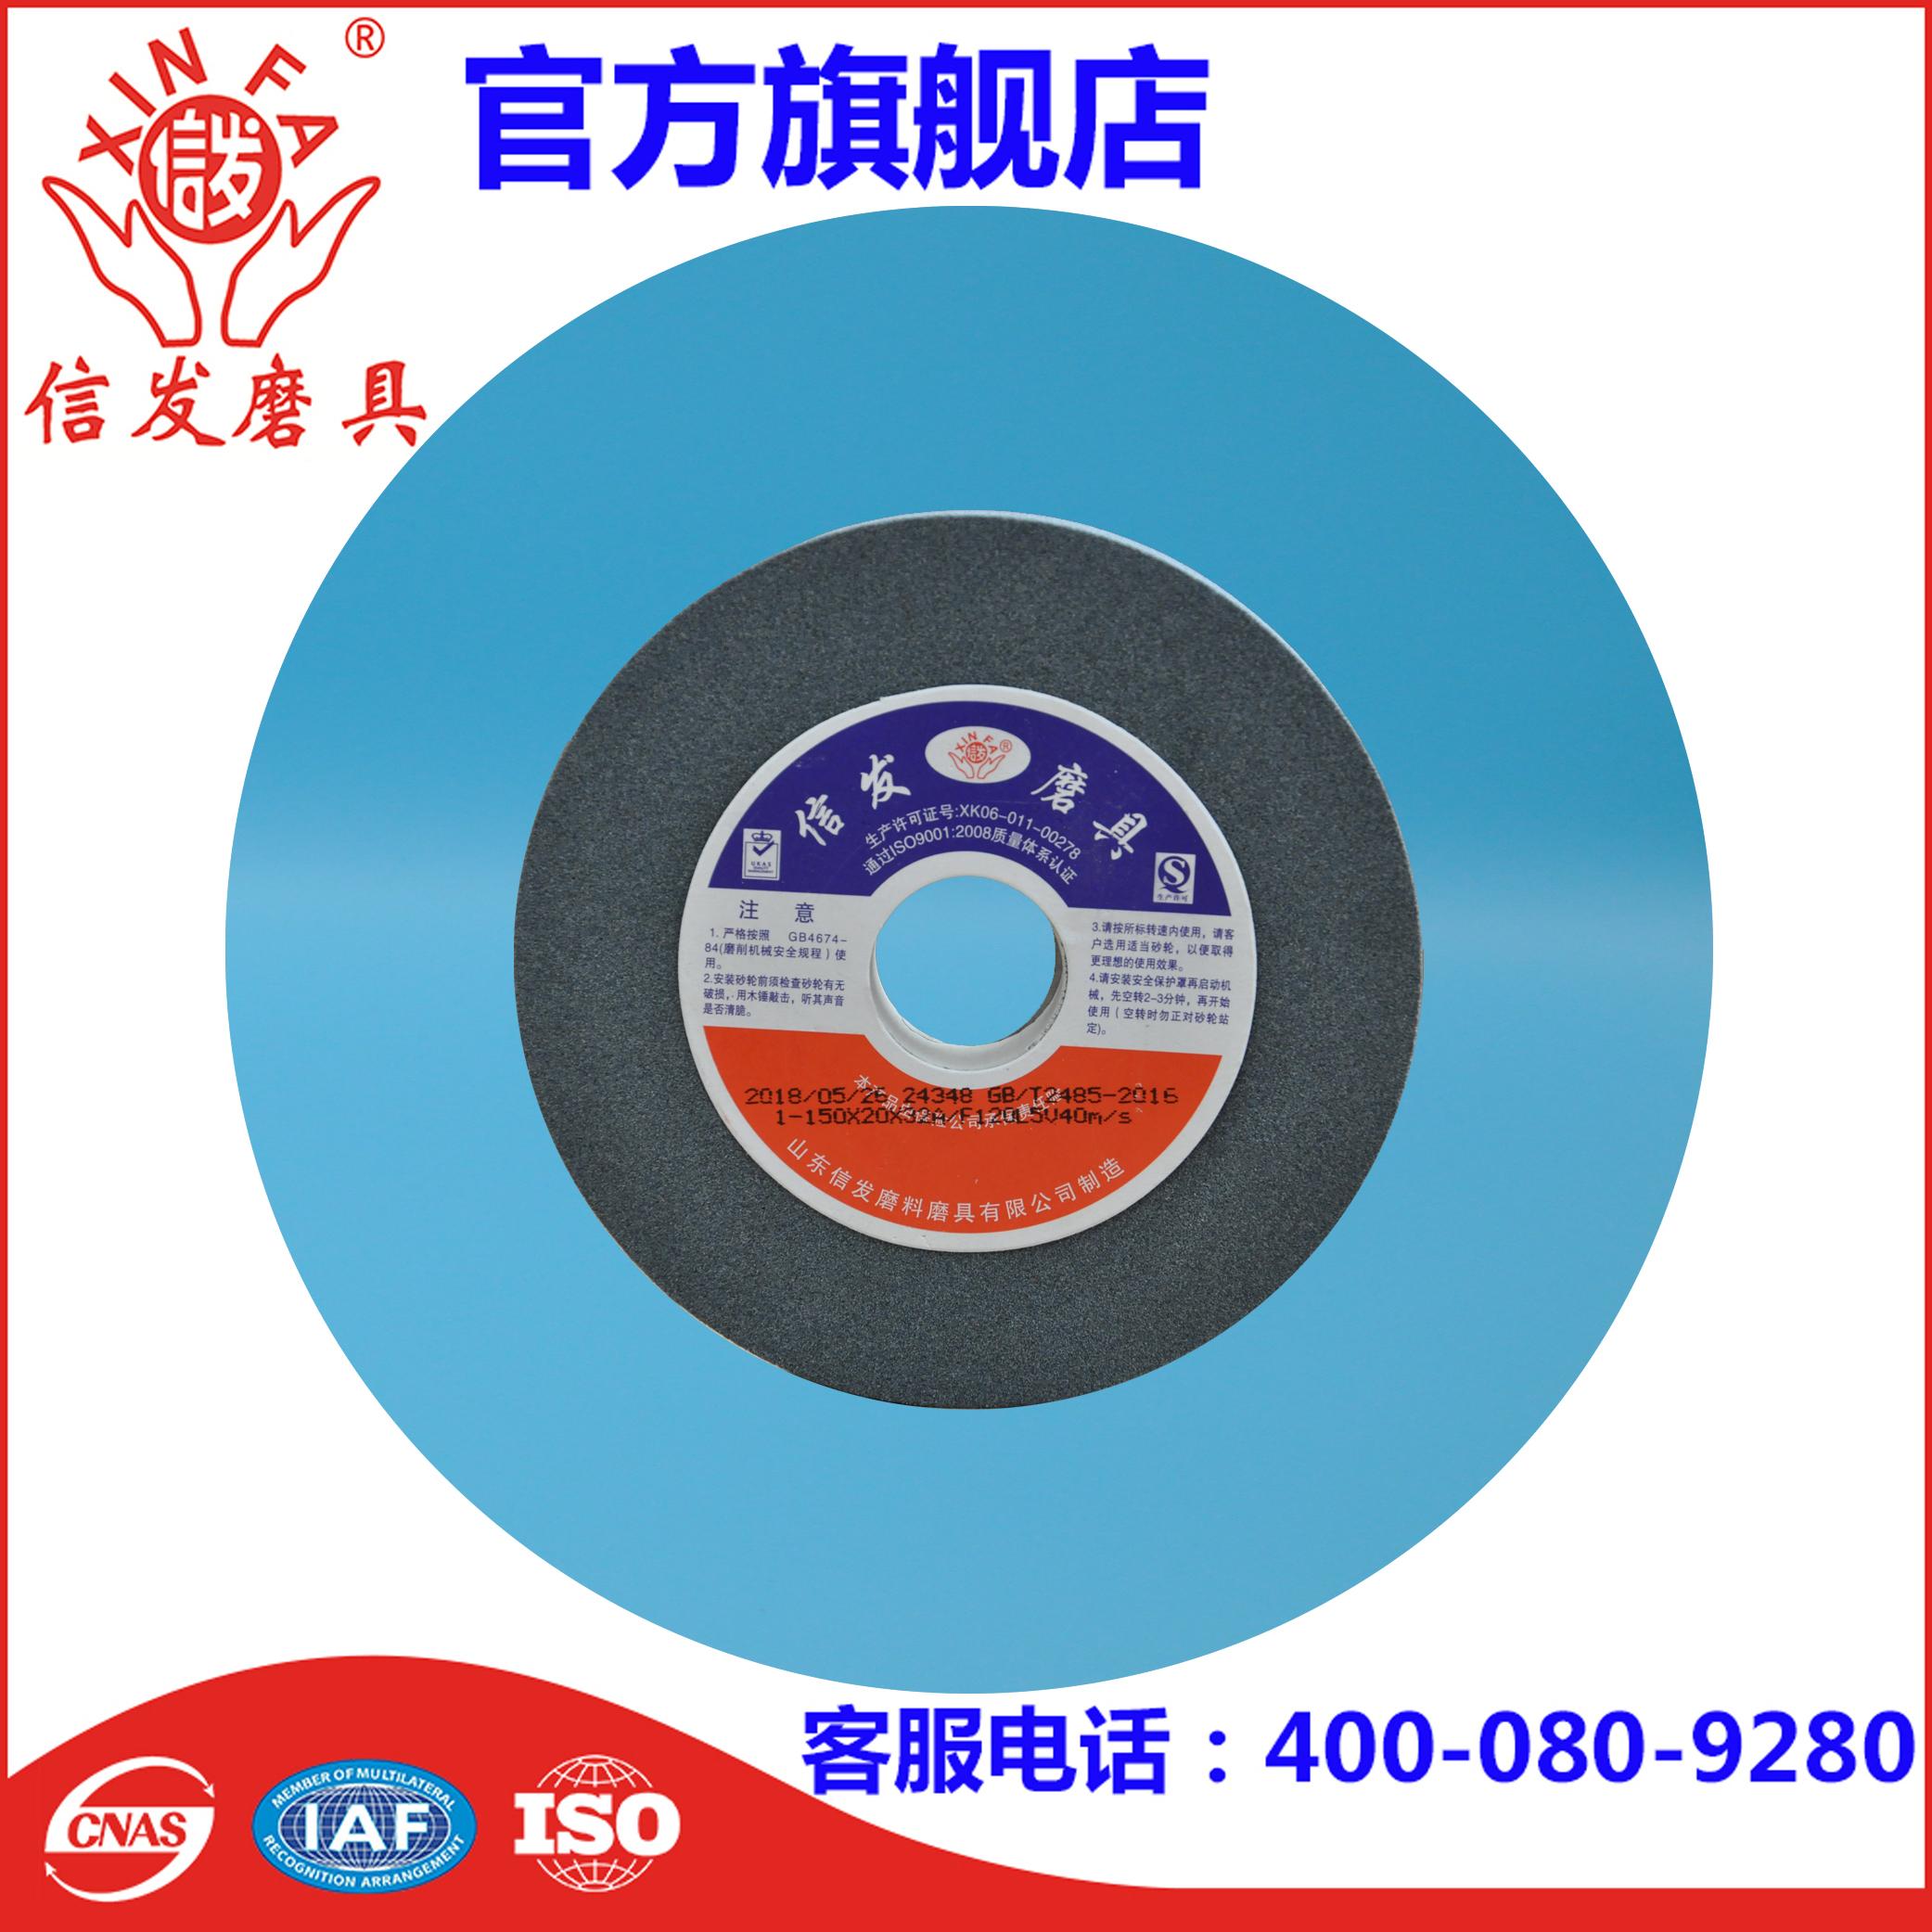 山东砂轮厂家批发/砂轮价格/原厂型号砂轮150*20*32绿碳化硅GC80信发陶瓷砂轮磨市场价